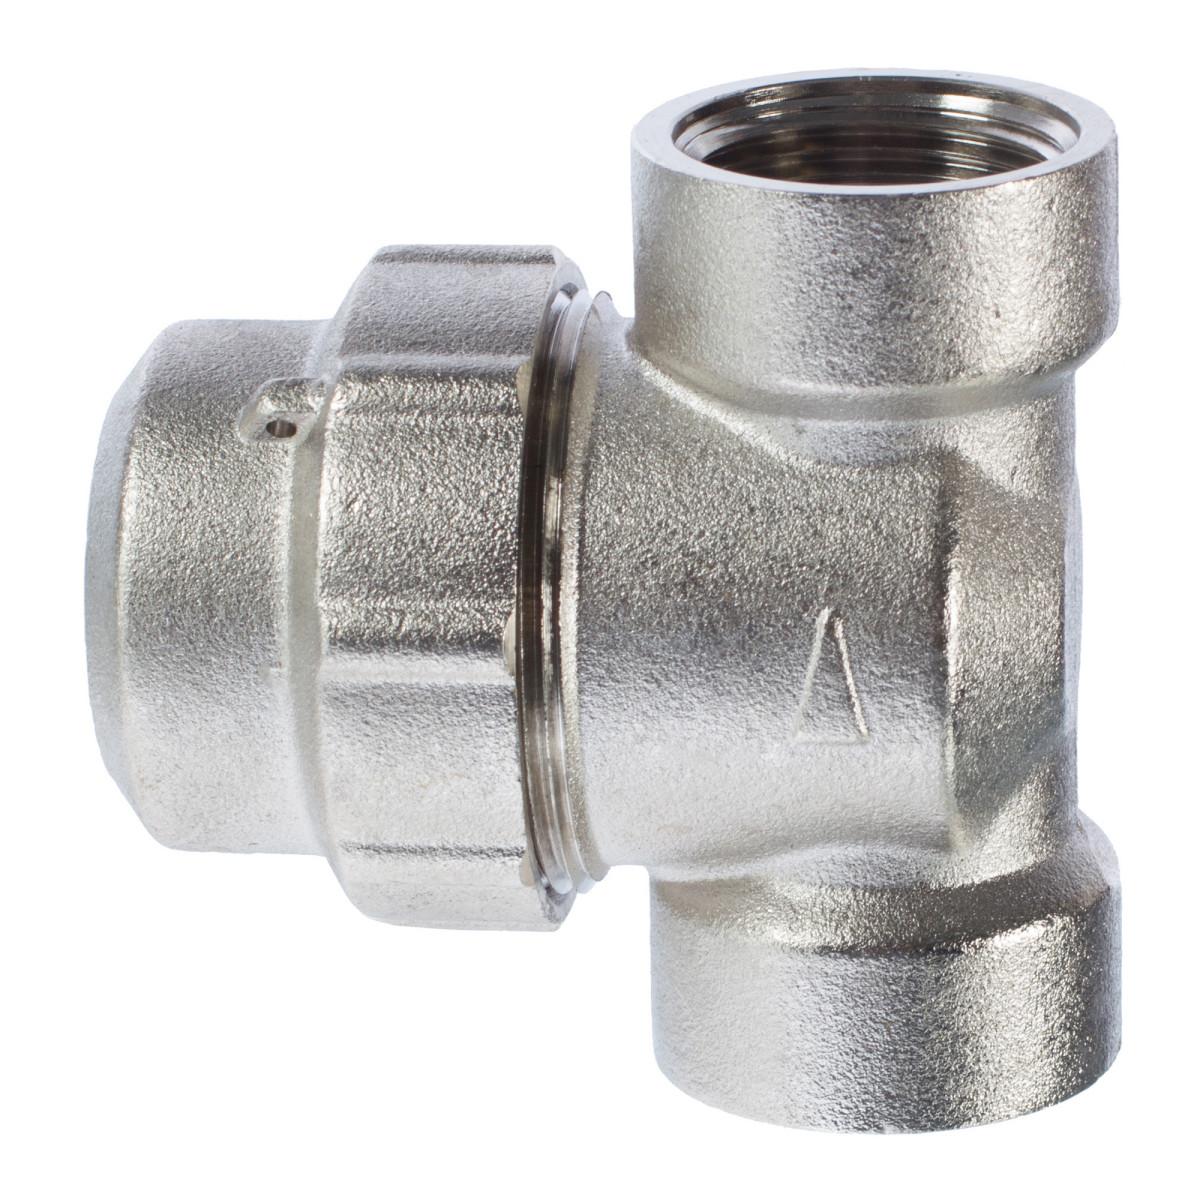 Фильтр механической очистки Euros Т-образный 3/4&#34 300 мкм